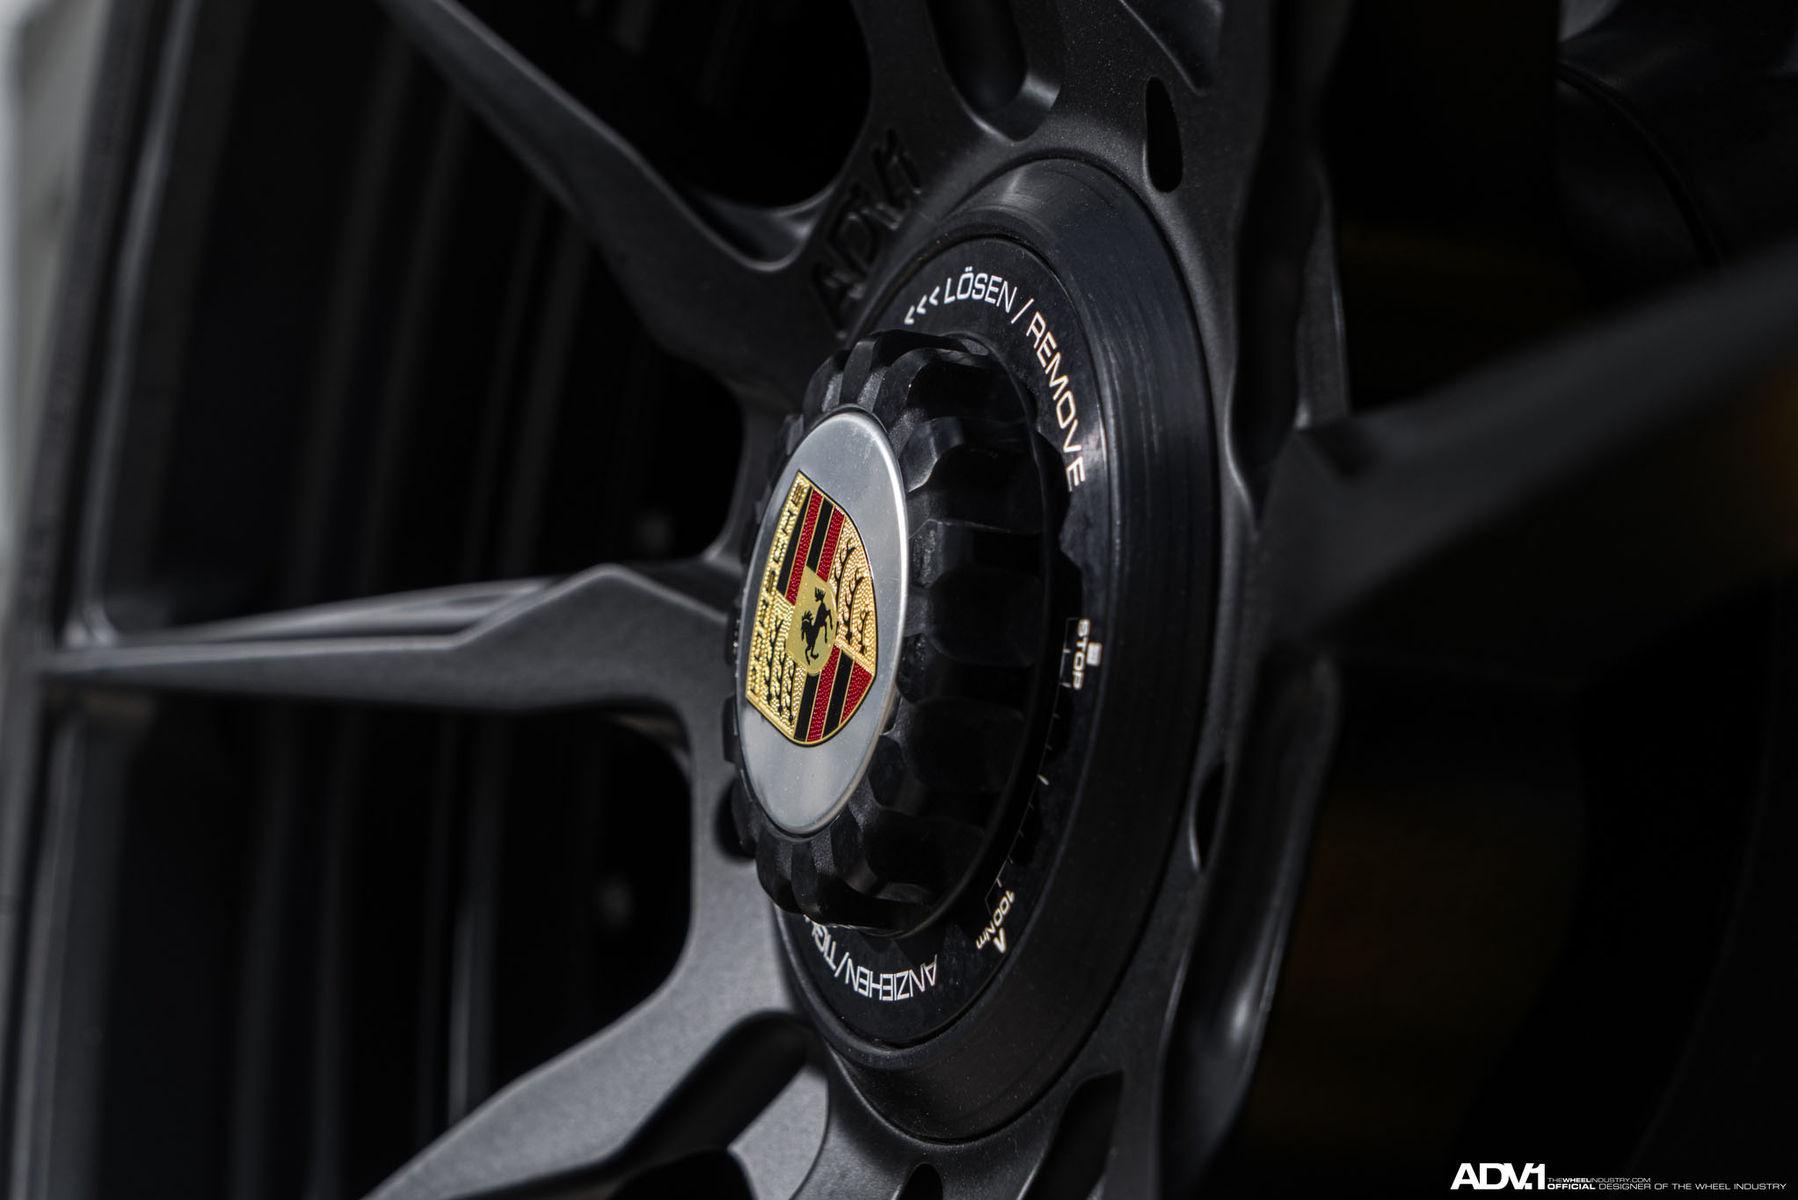 Porsche 911 | ADV.1 Wheels Porsche 911 Turbo S